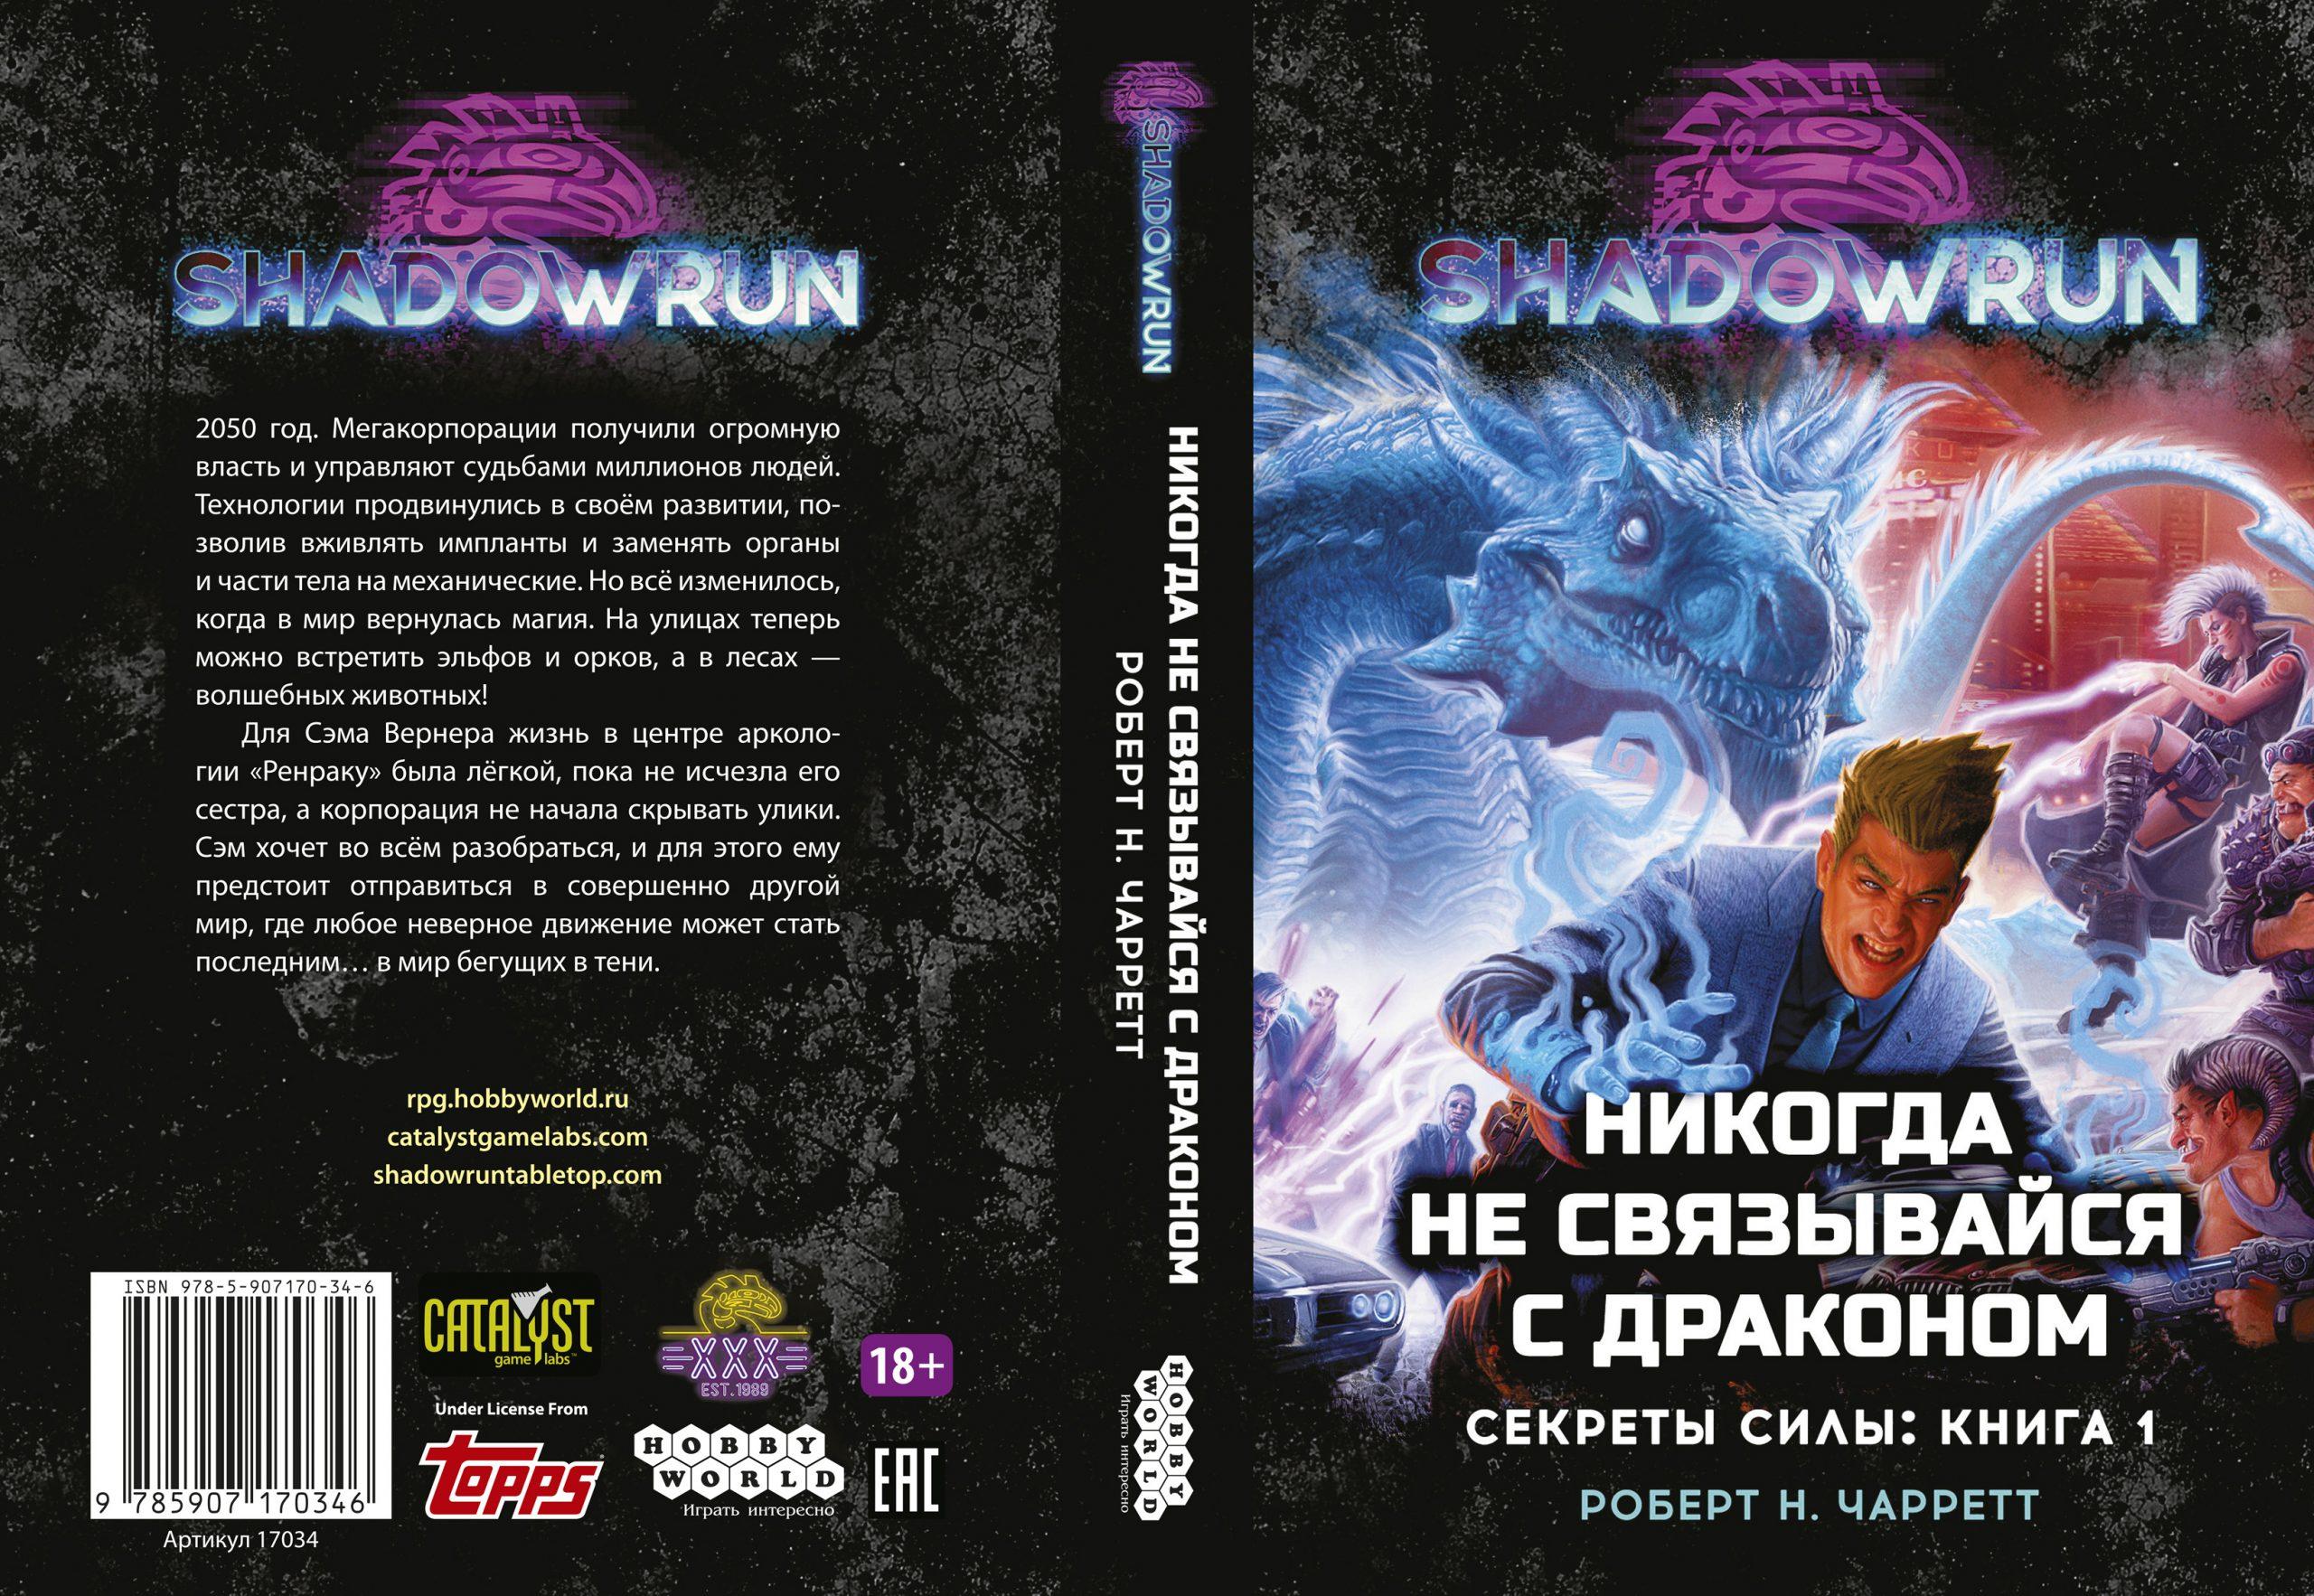 Что почитать: второй сборник Марты Уэллс, книга поShadowrun и лунная фантастика Коркорана 2